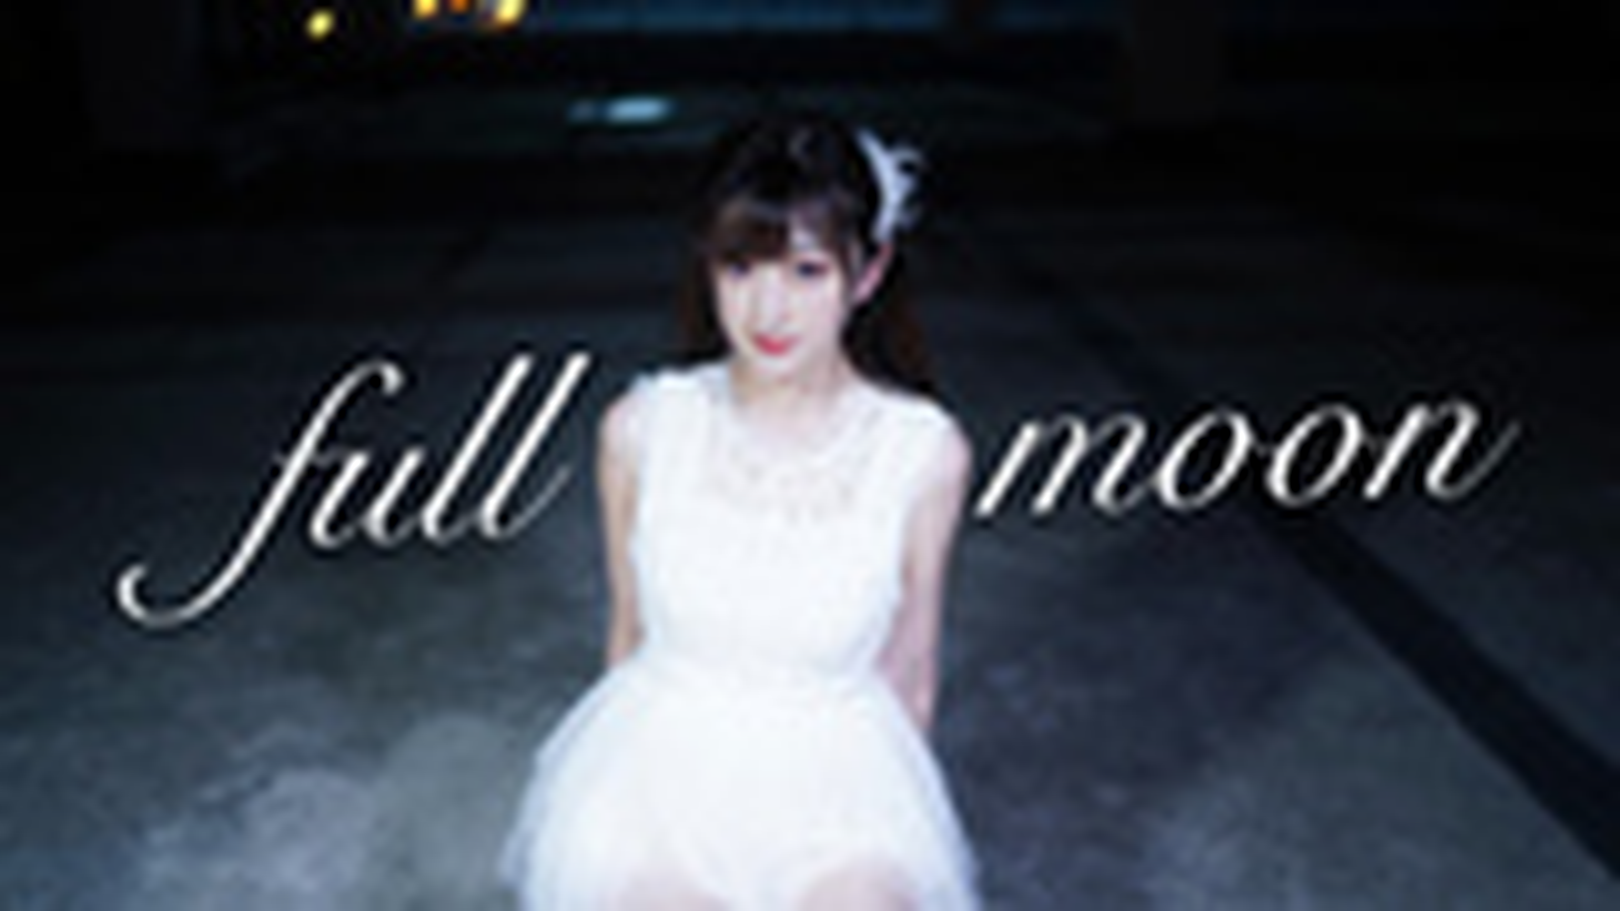 【小袜子】生日作宣美-满月full moon(produce101版)